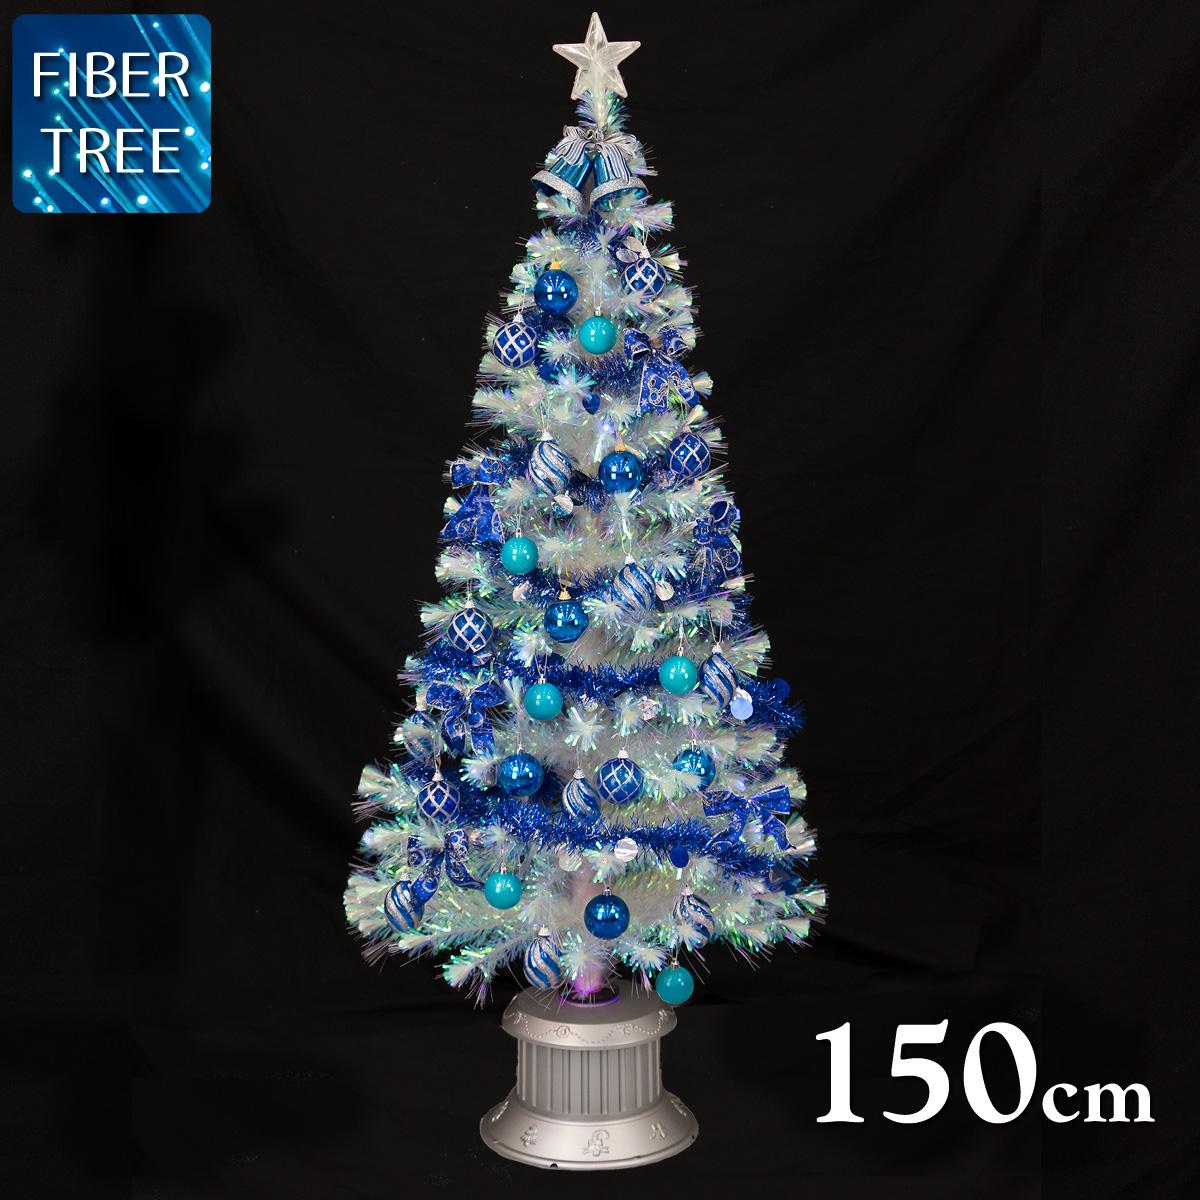 クリスマスツリー ファイバーツリー 150cm ブルー セット LED オーナメント付 北欧 おしゃれ 【10月下旬入荷予定】